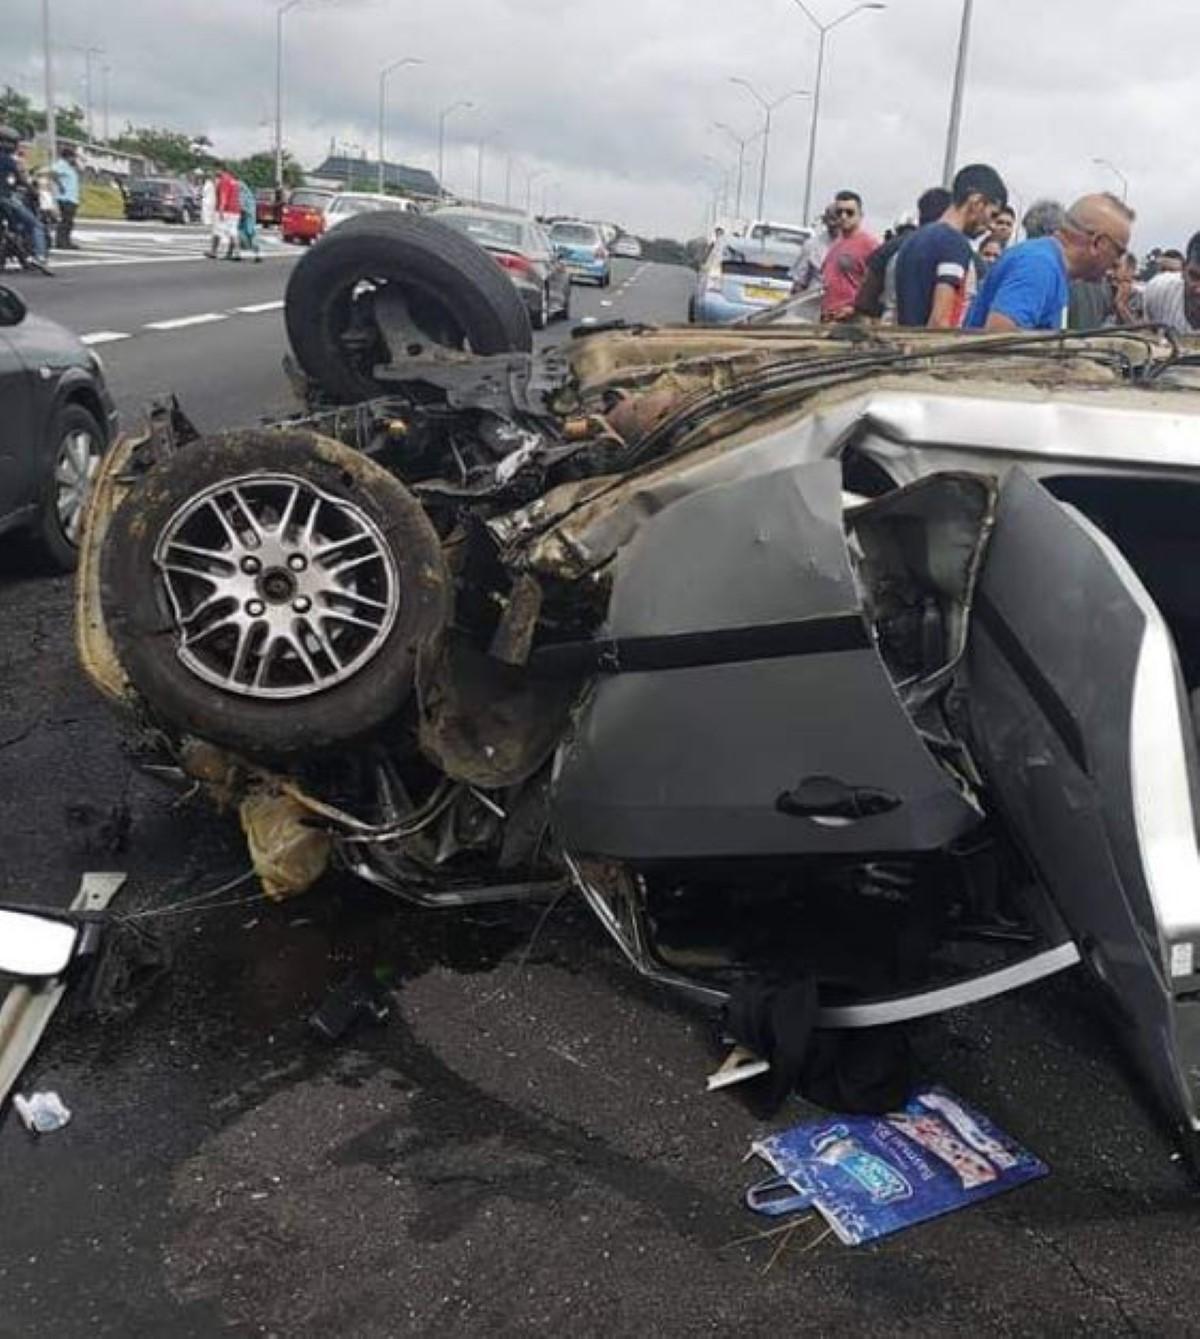 Accident à Bagatelle : Le conducteur se rendait à l'hôpital pour rendre visite à son épouse qui doit accoucher